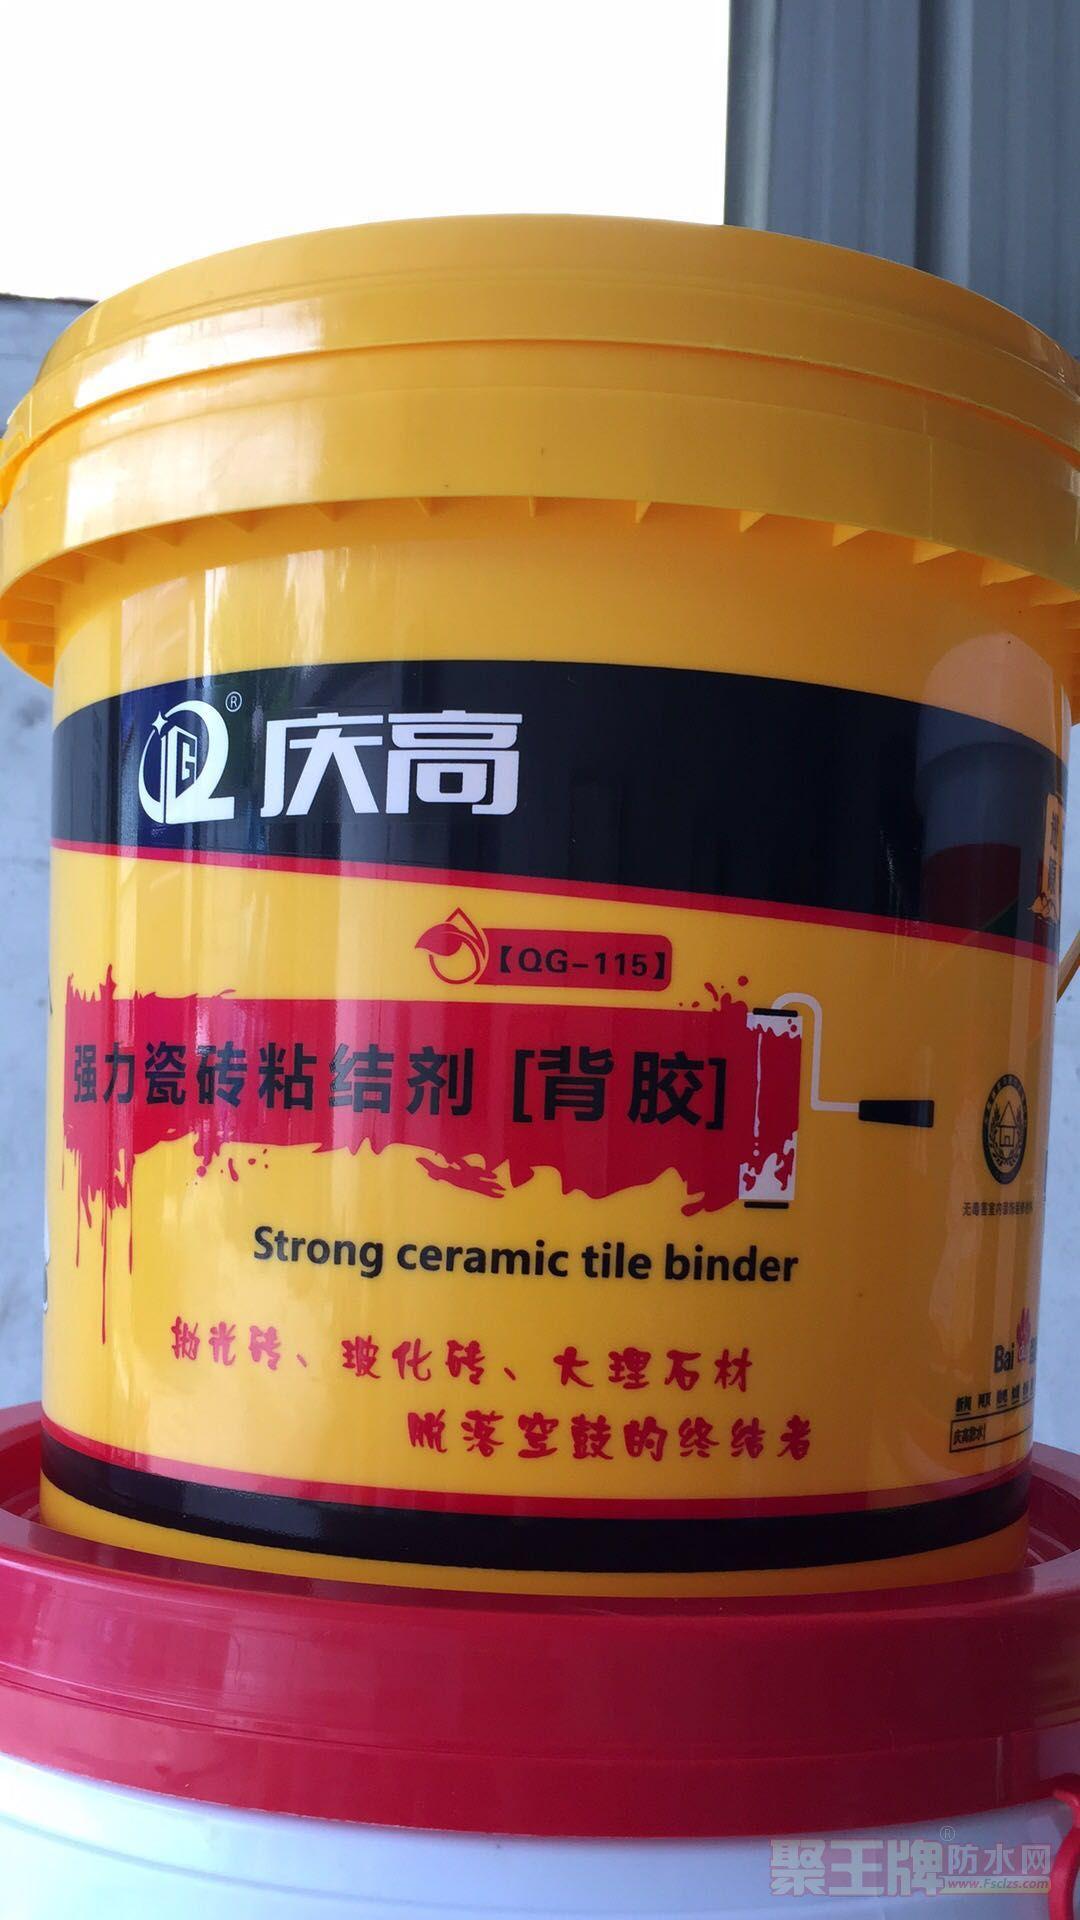 背涂胶厂家直销强力瓷砖背胶